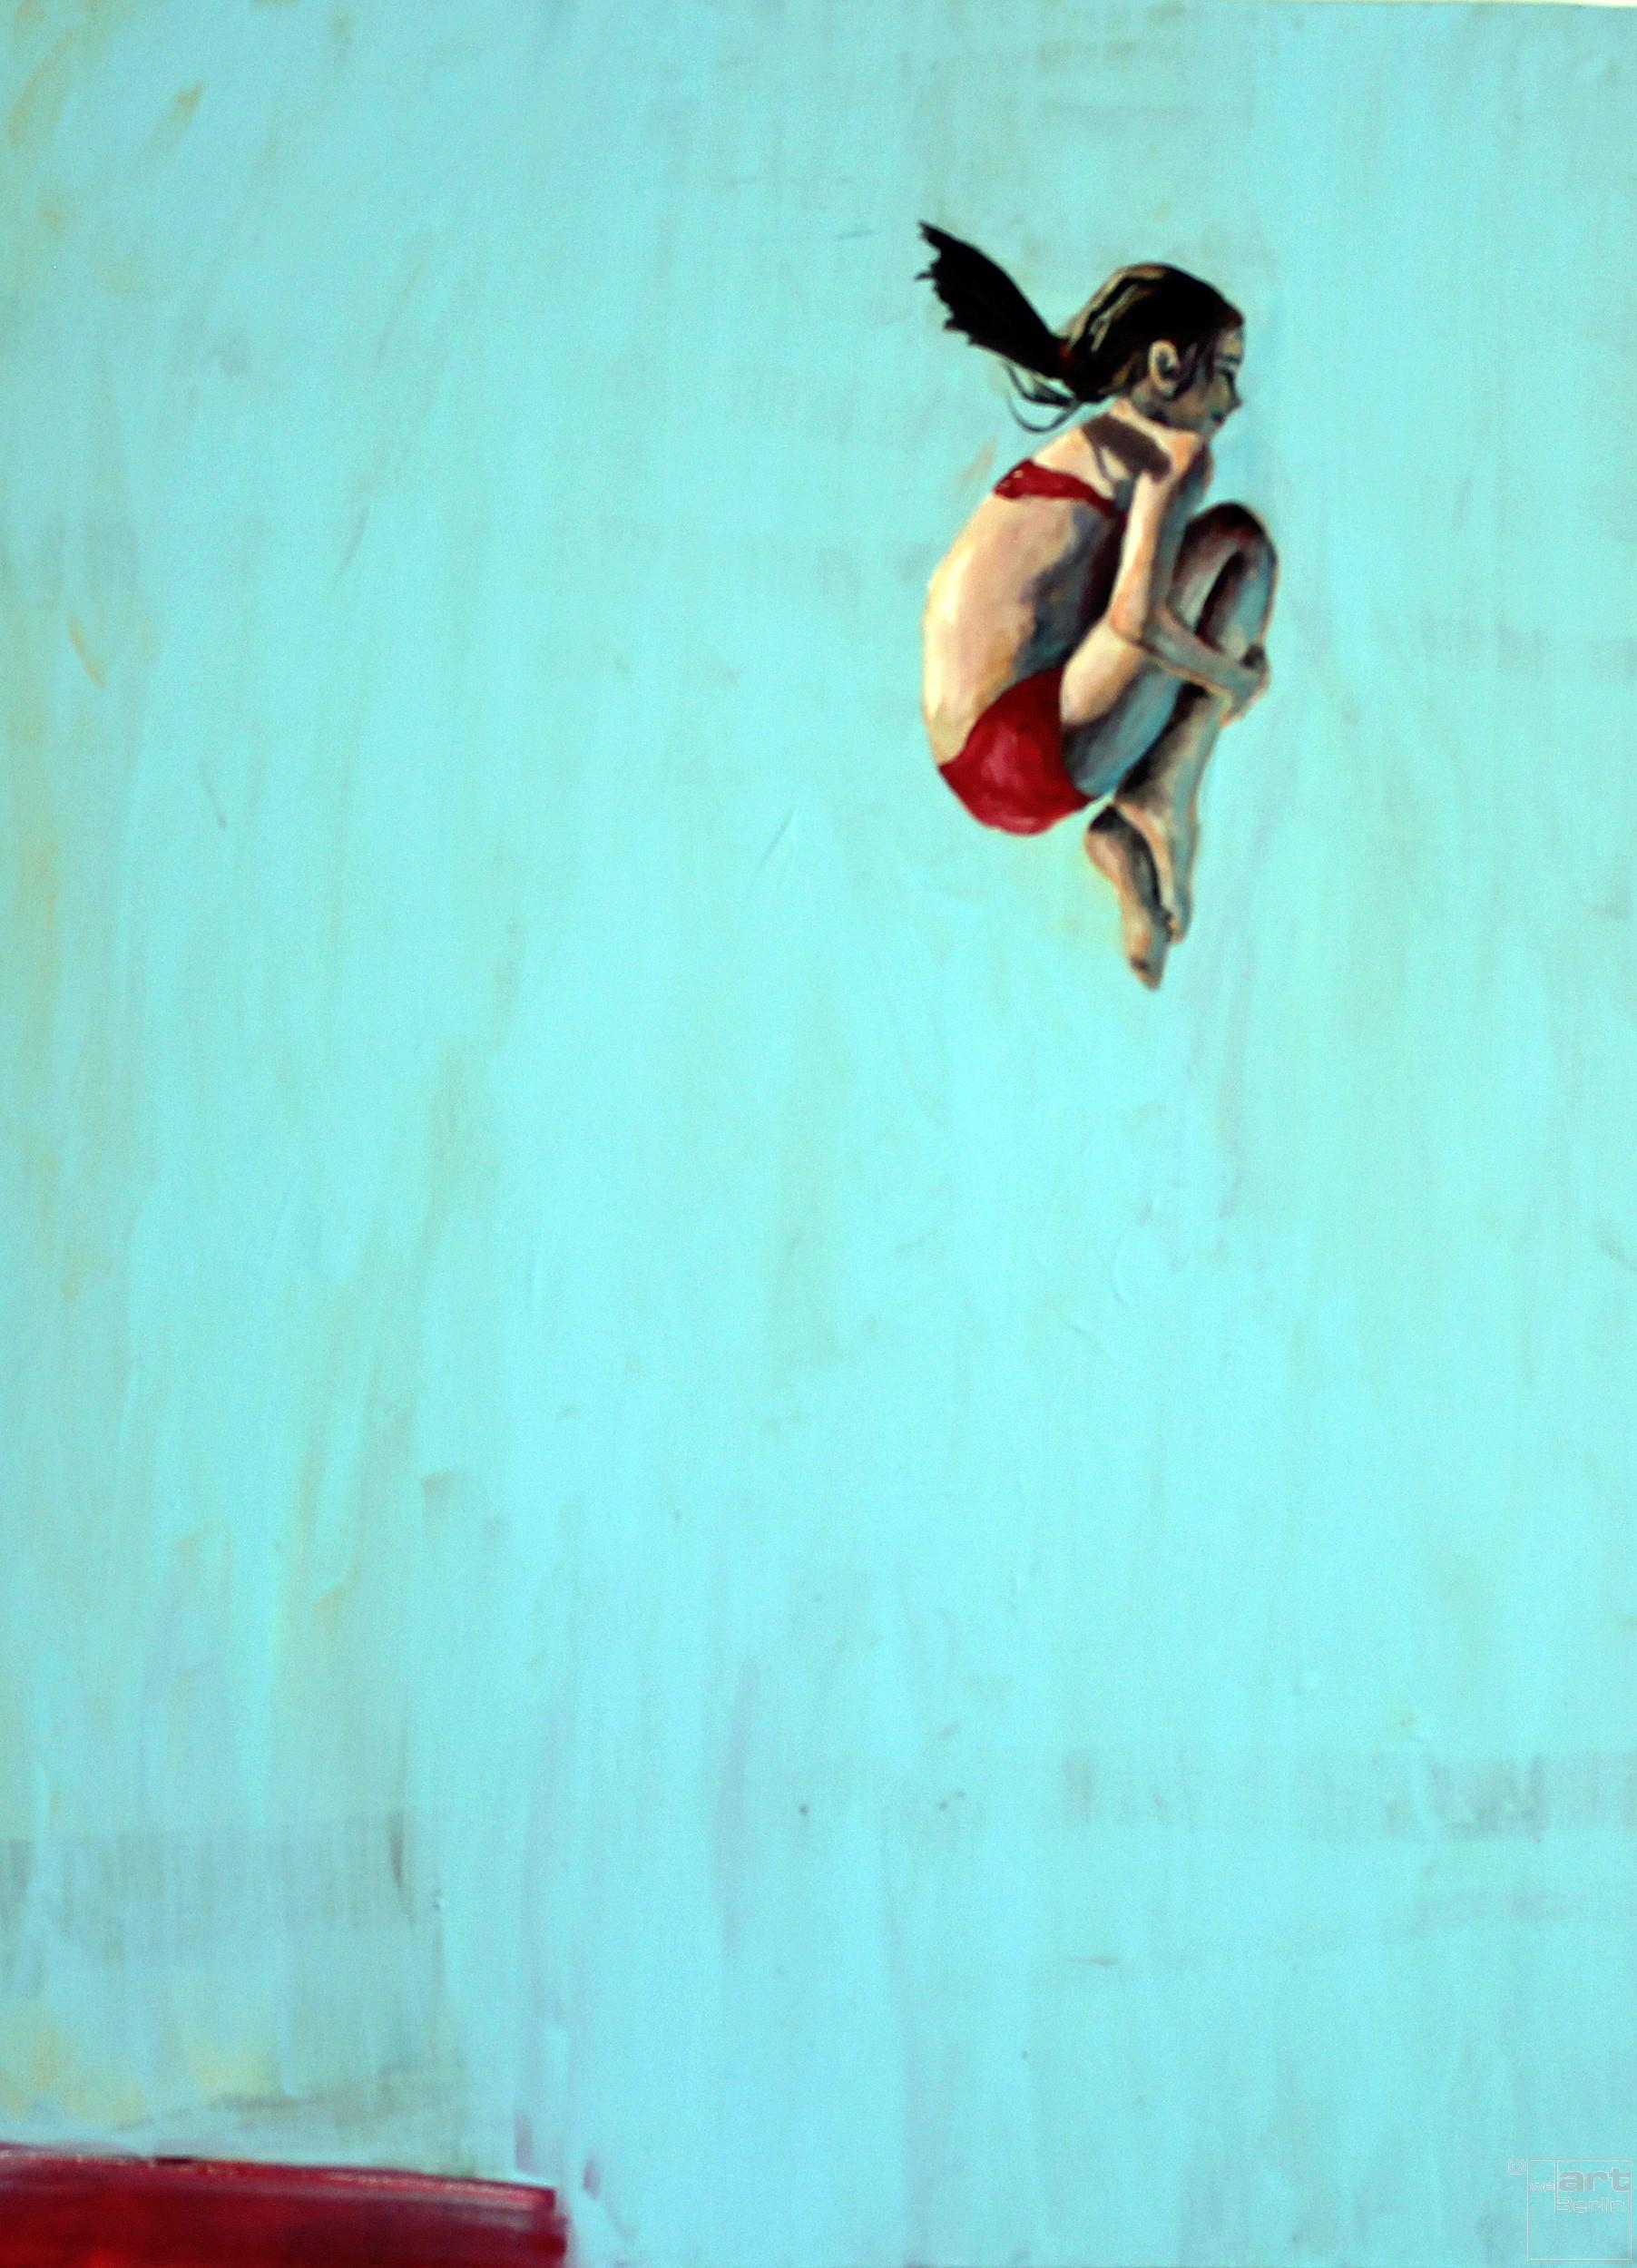 Sprung | Malerei von Künstlerin Simone Westphal, Acryl auf Leinwand